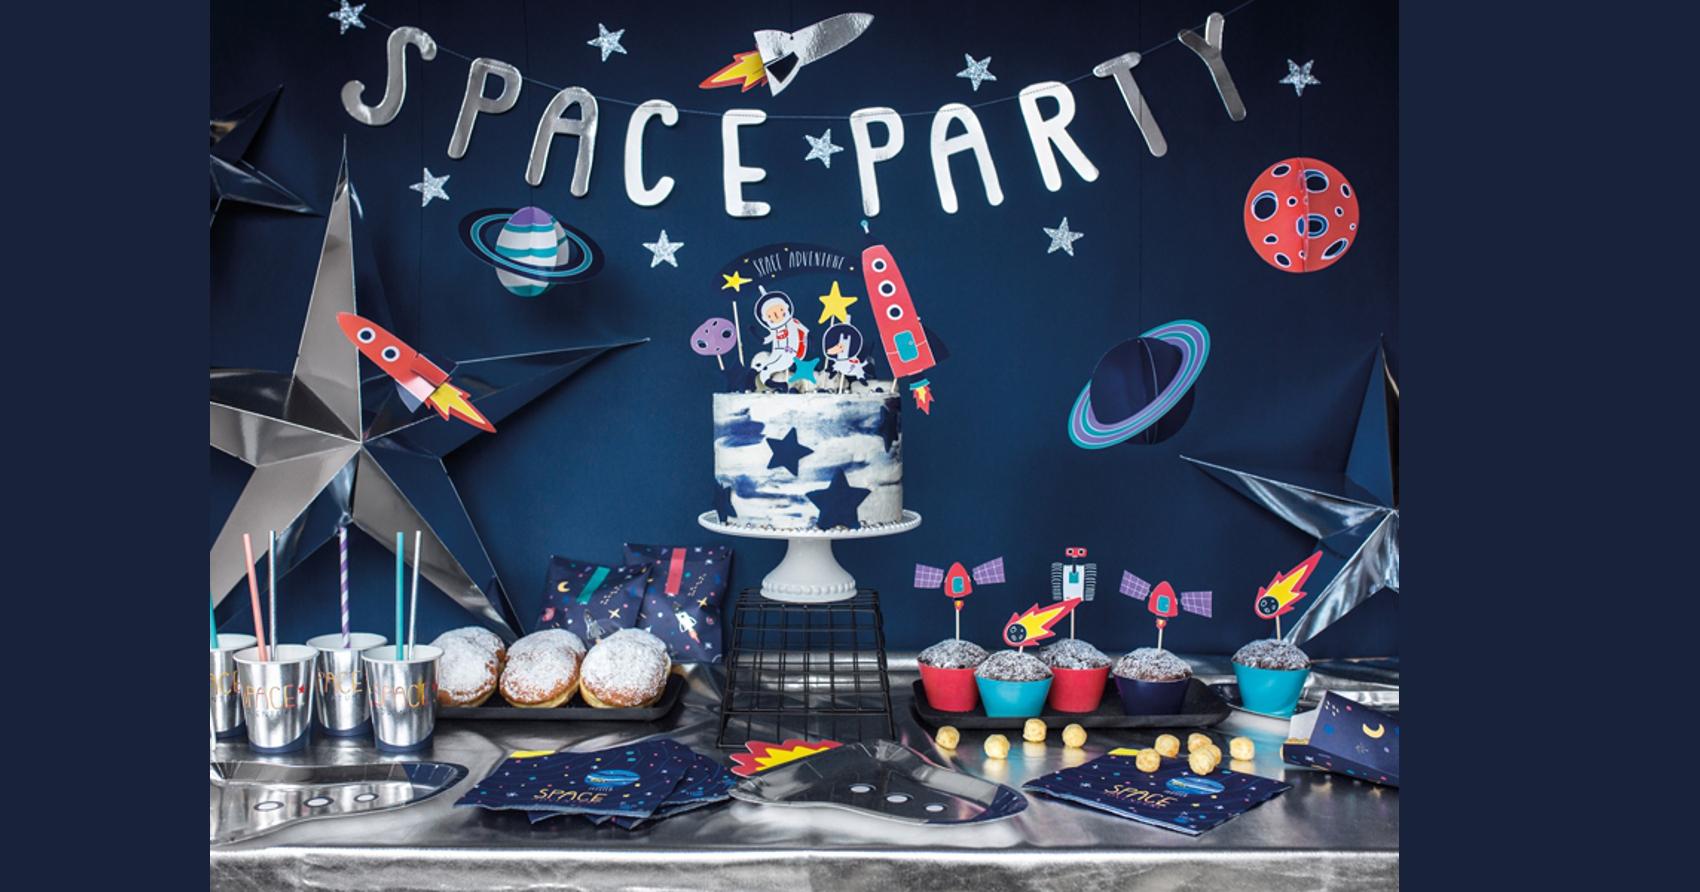 dekoracje na imprezę urodzinową, dekoracje urodzinowe dla dzieci, dekoracje kosmos4,